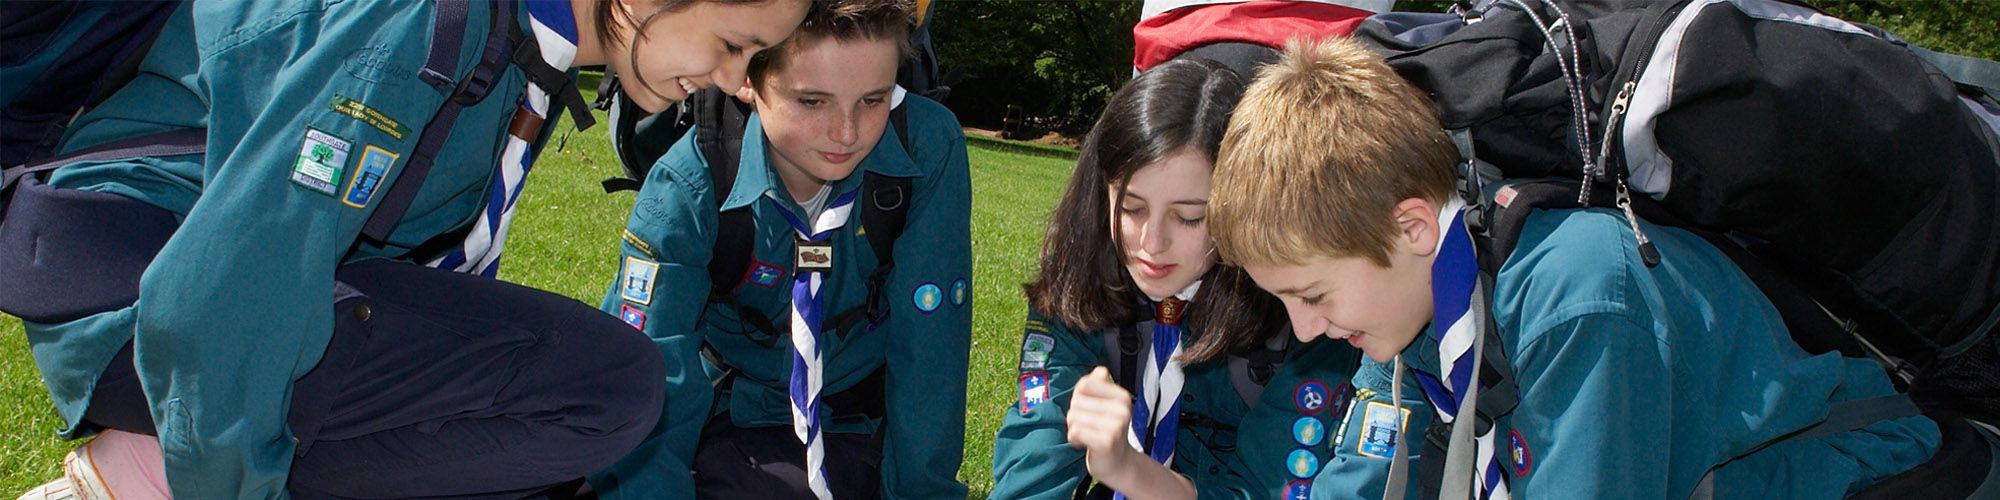 Avon Scouts